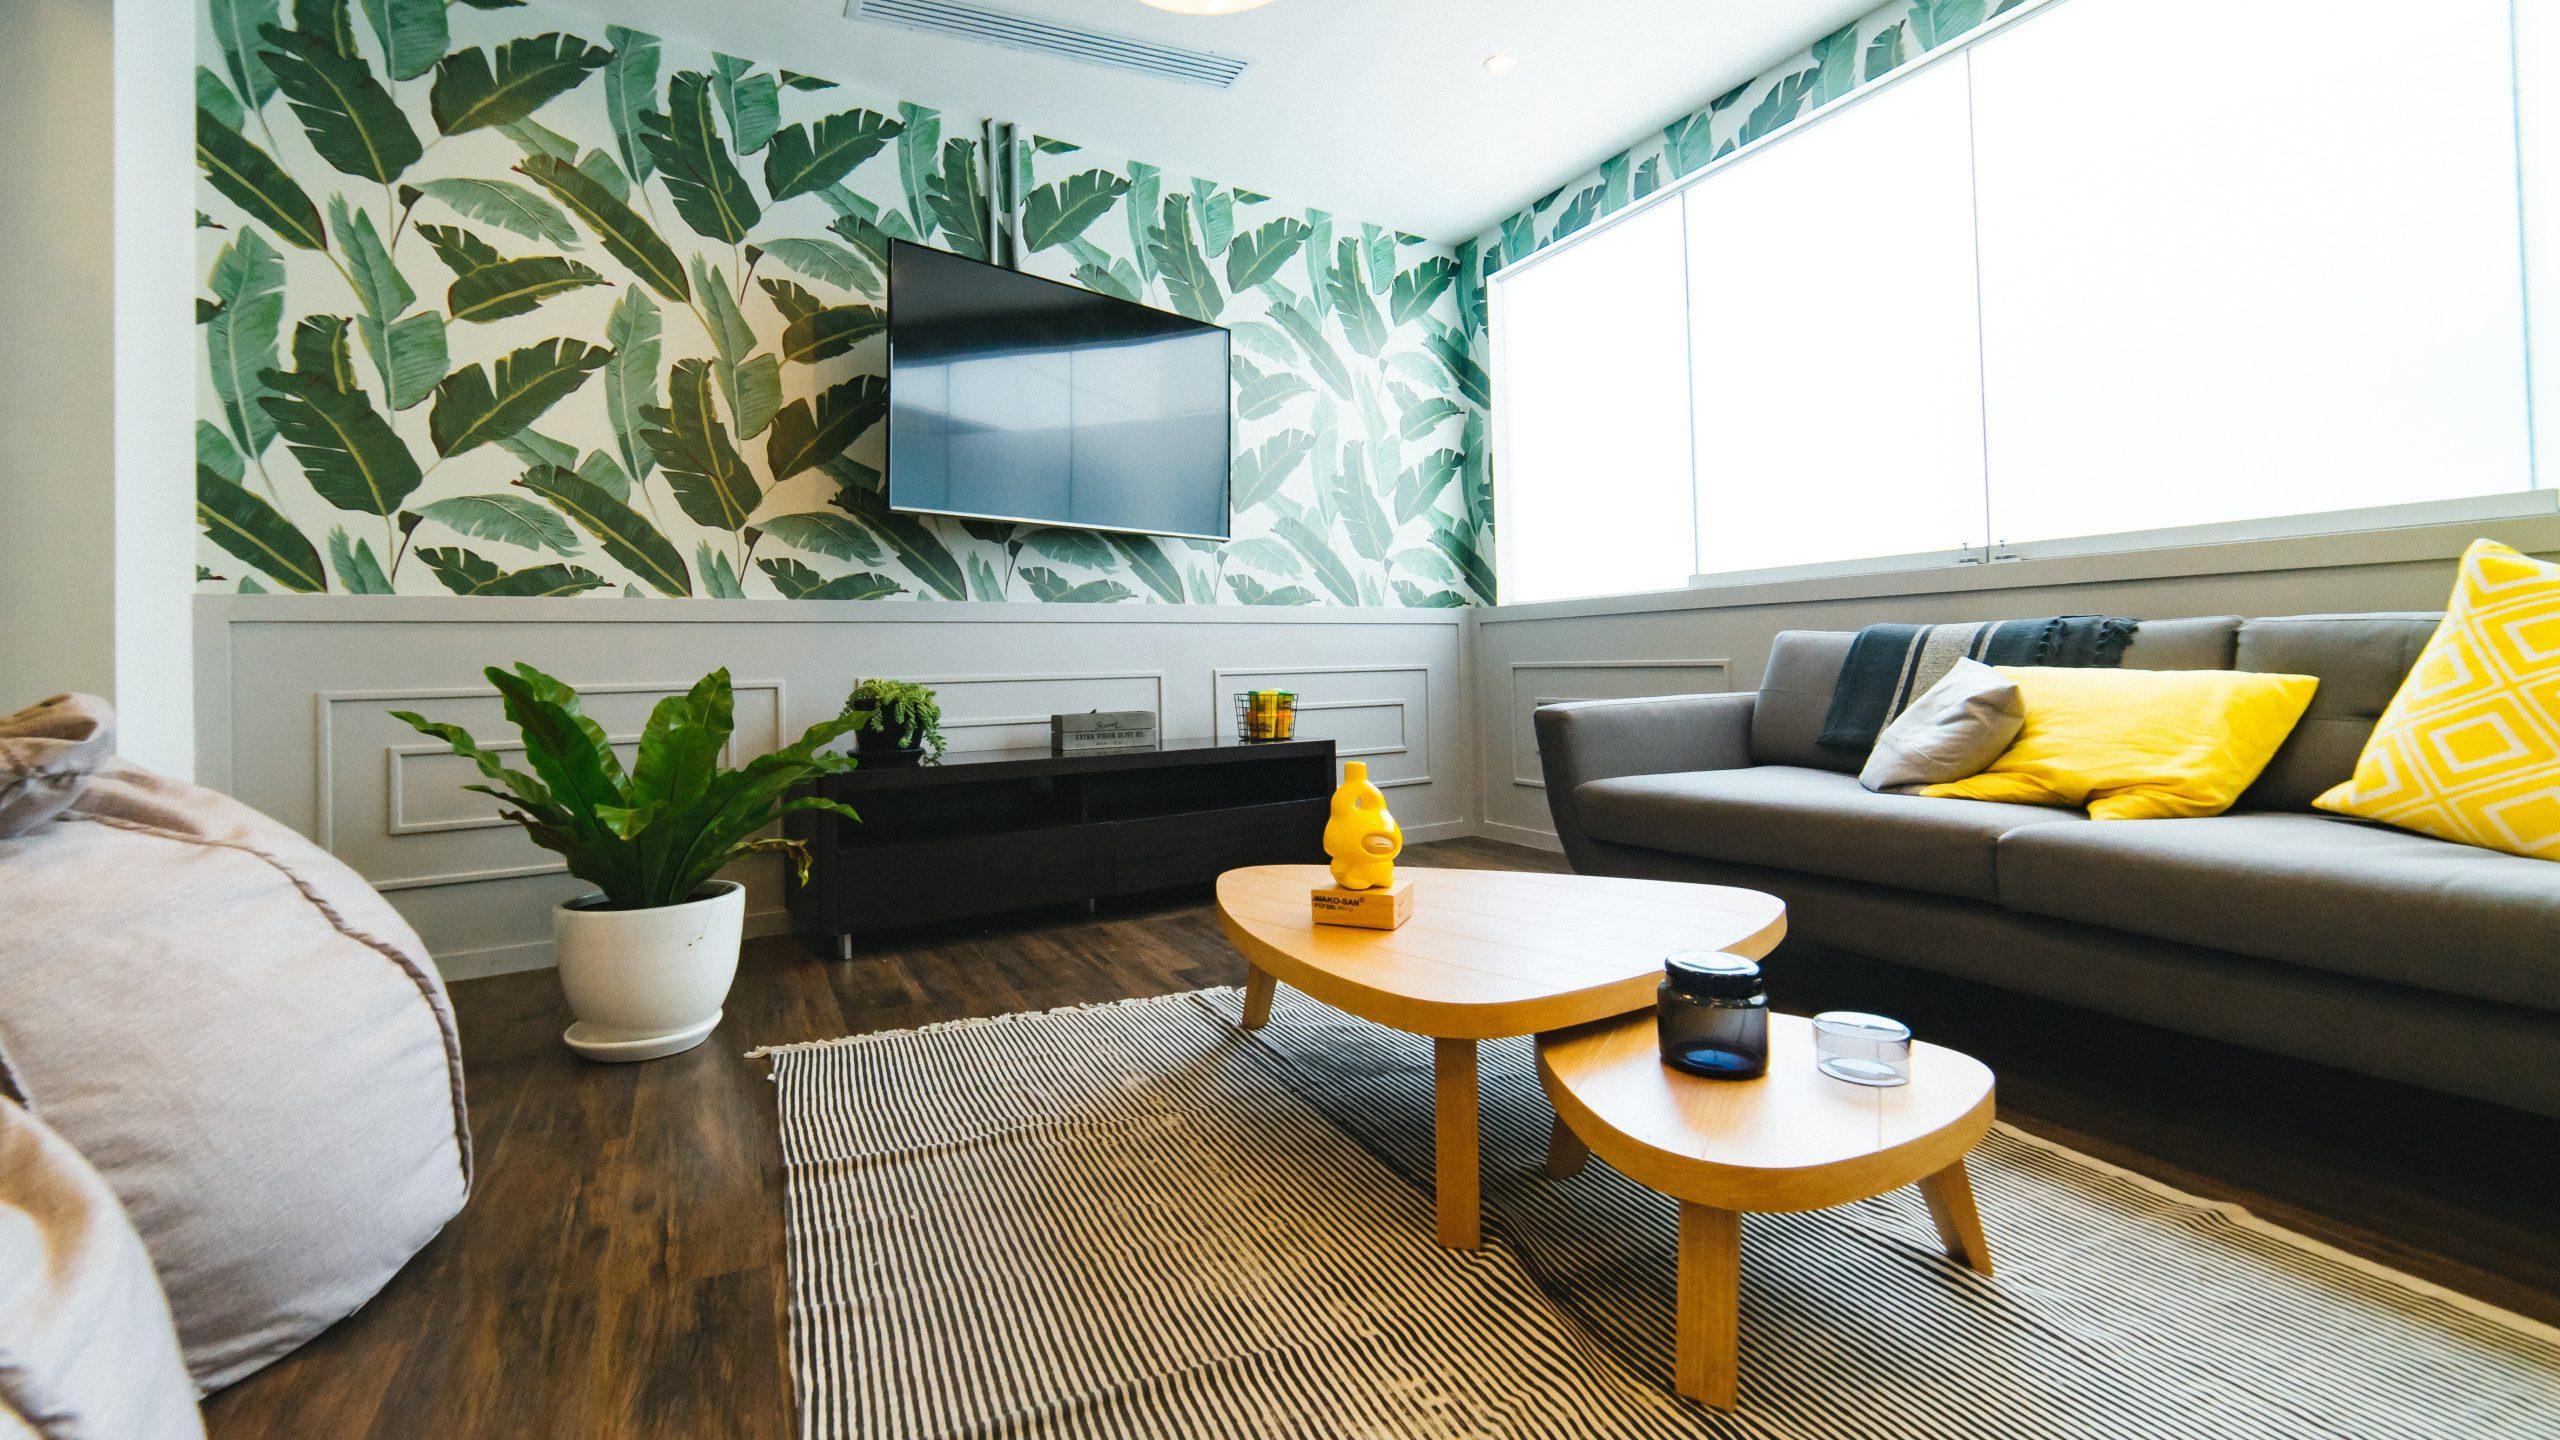 5 เคล็ดลับออกแบบบ้านสไตล์ญิปุ่น ความอบอุ่นแบบมินิมอล